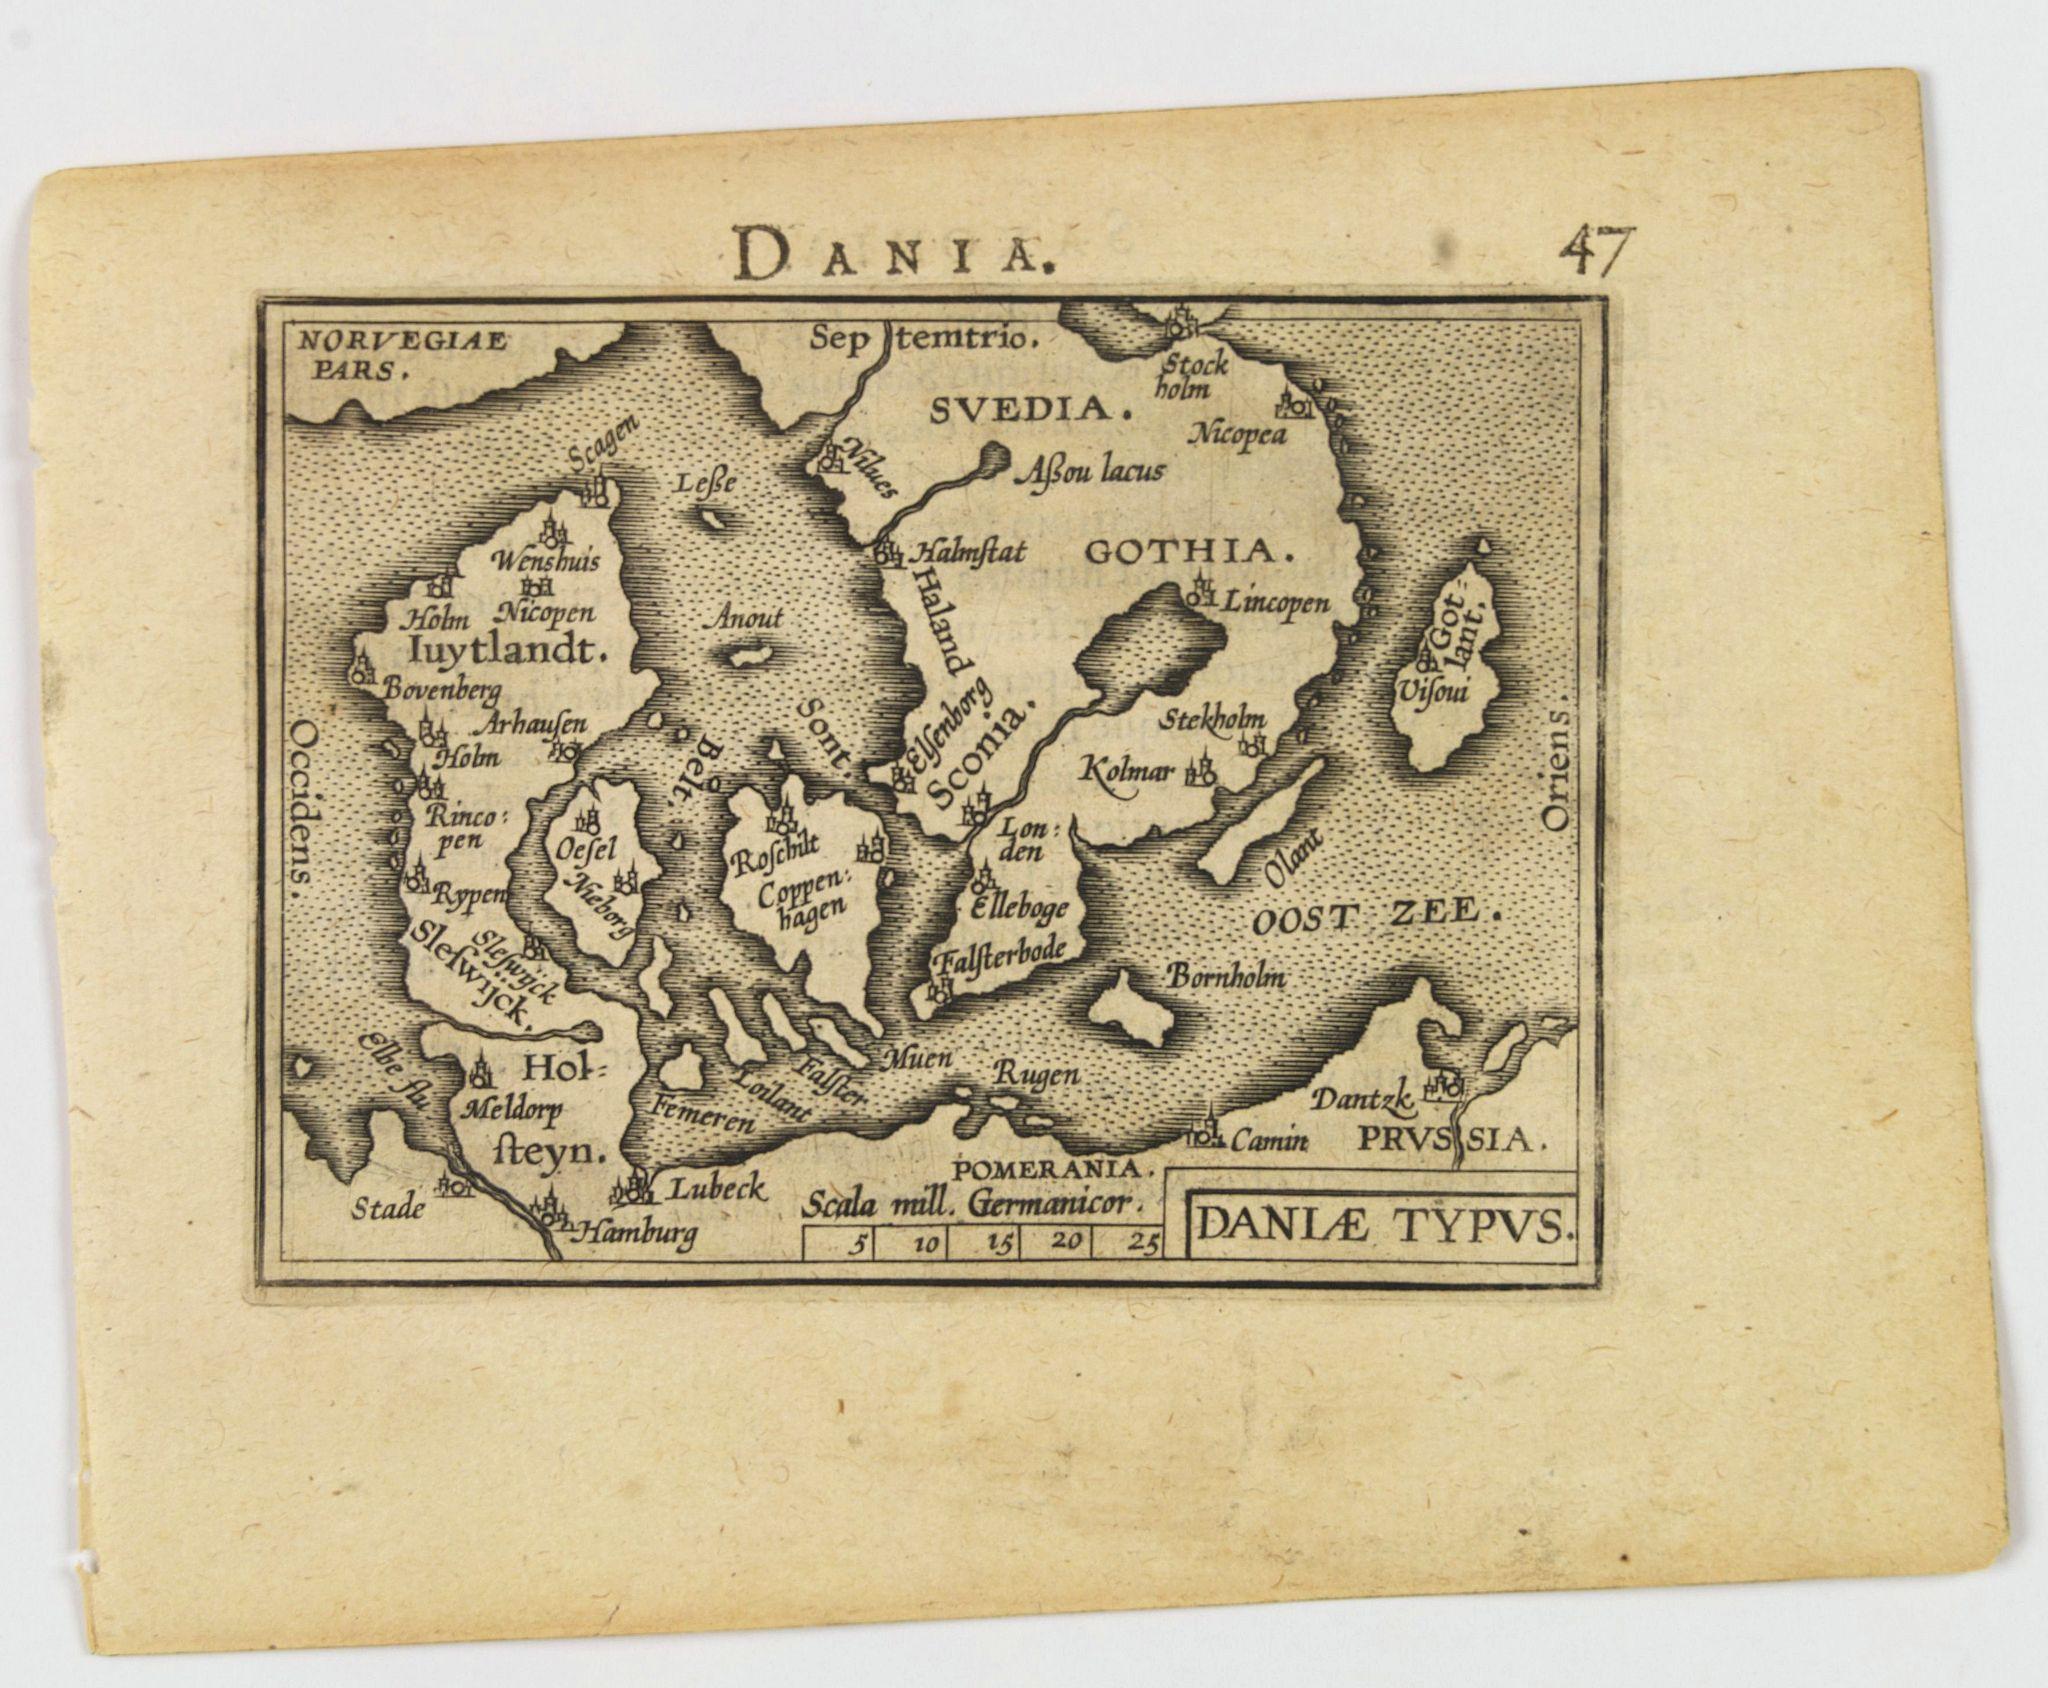 ORTELIUS, A. / VRIENTS, J.B. - Daniae Typus.